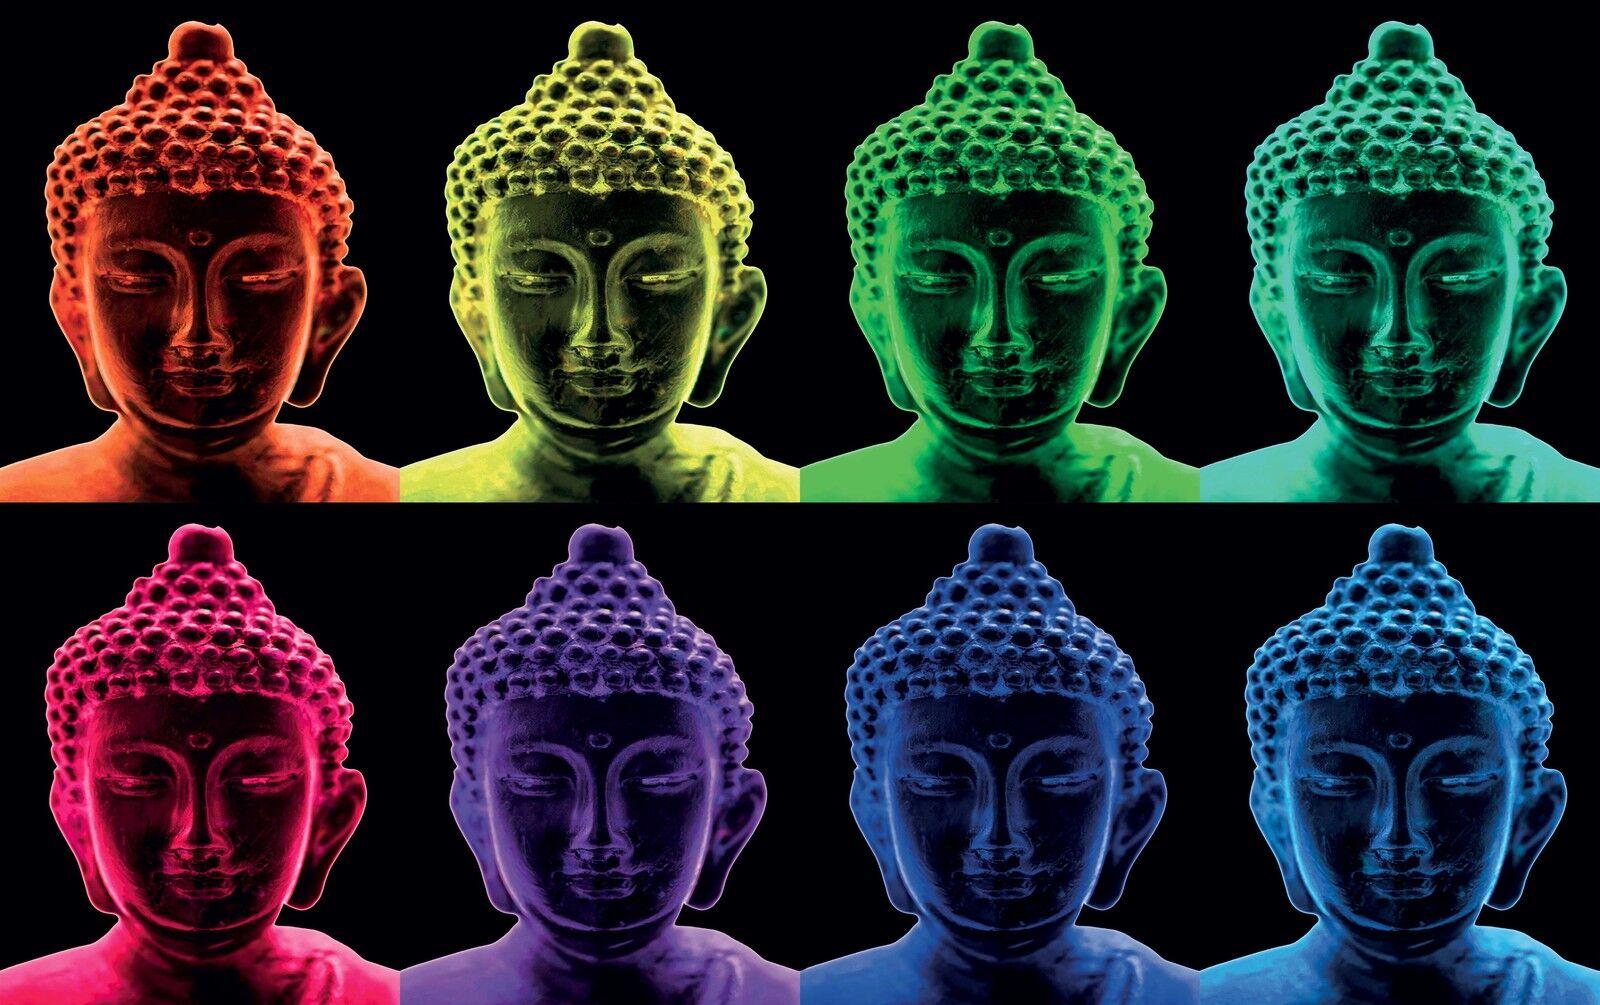 Plakat Plakat Buddha Design Ref 13 (3 Größen, Papier Matt oder Papier Foto)